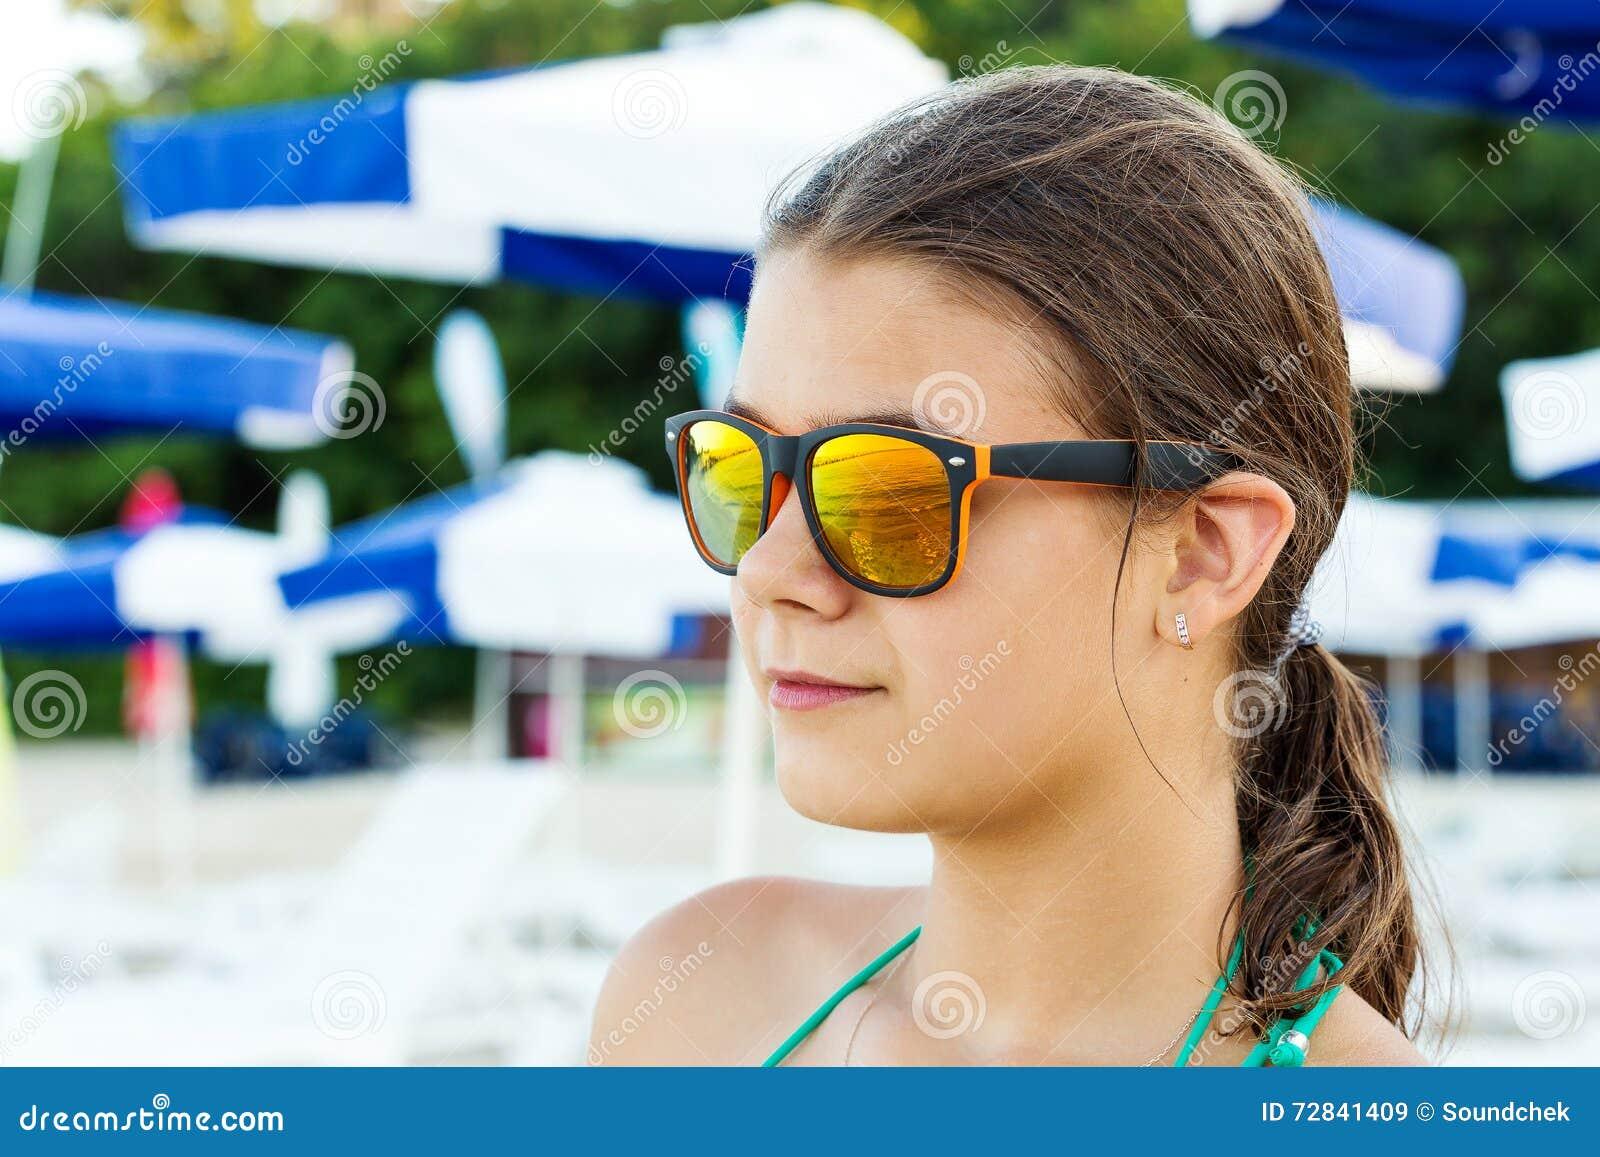 Девка показывает рабочее очко фото 757-525